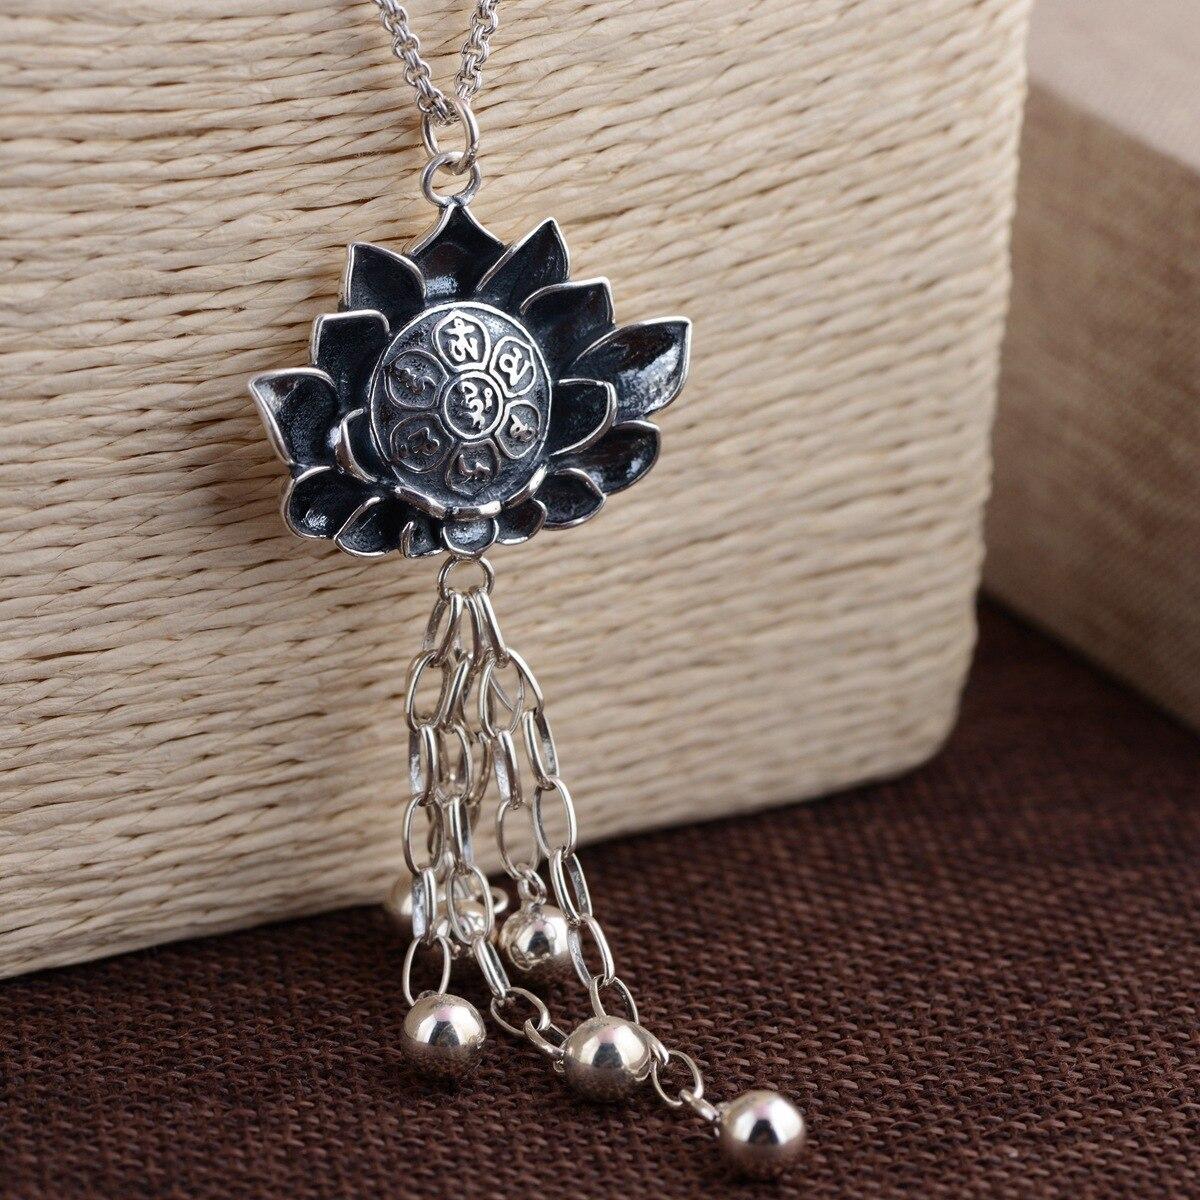 Cerf roi bijoux en gros S925 fleur pendentif ANTIQUE en argent STERLING chaîne gland six mots de nouvelle technologie